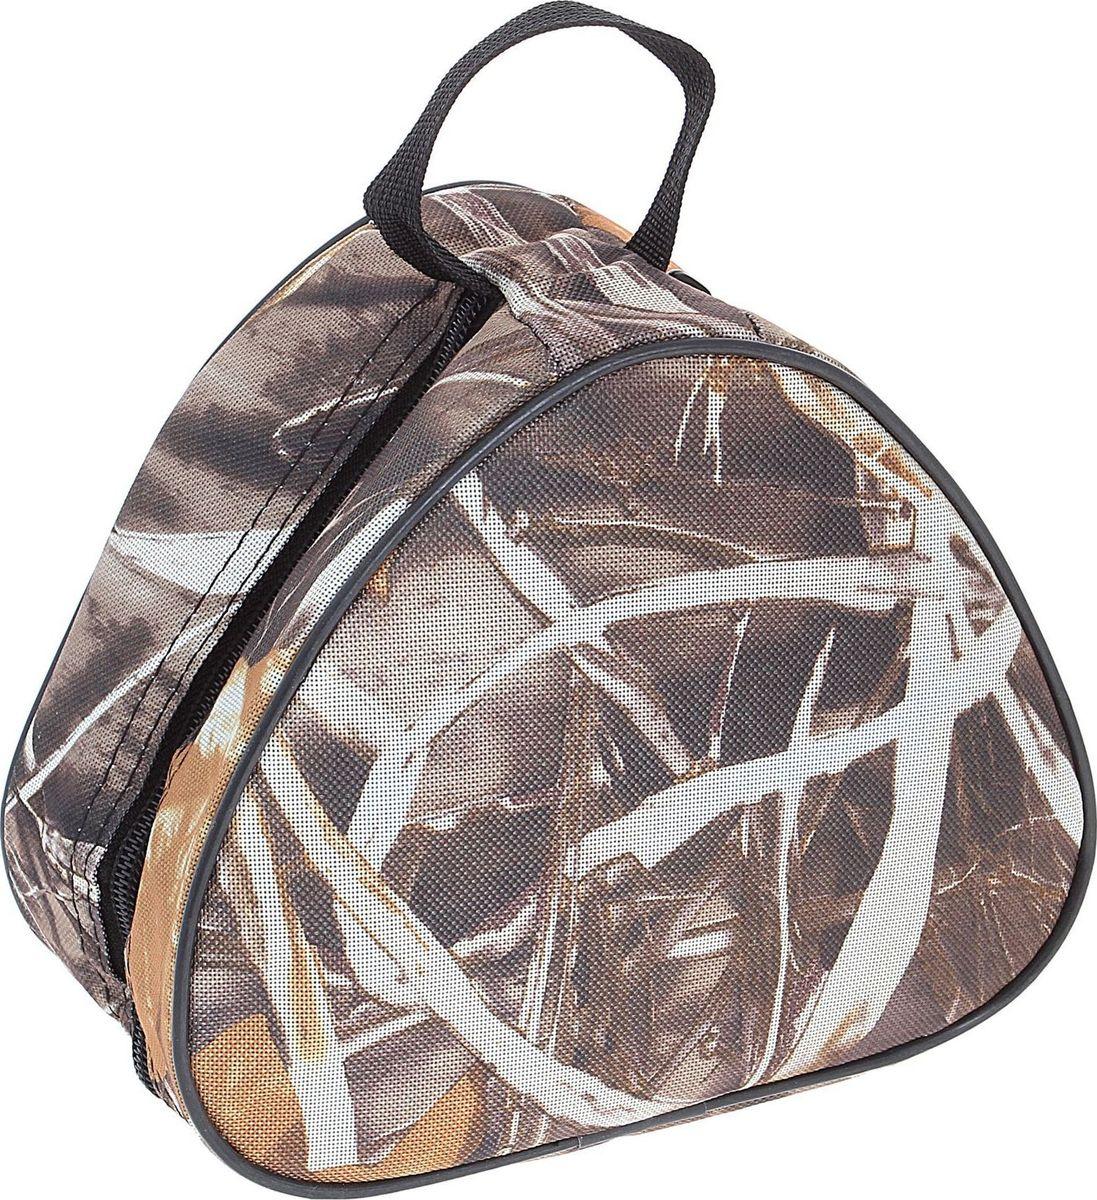 Сумка Onlitop для хранения и переноски катушек, большая5362173560Лёгкая и компактная сумка для хранения и переноски катушек оснащена ручкой для переноски и закрепления на рюкзаке. Выполнена из прочного, непромокаемого, легко чистящегося полиэстера. Широкие стороны уплотнены, чтобы избежать повреждения груза. Молния по всему периметру позволяет широко раскрывать сумку.